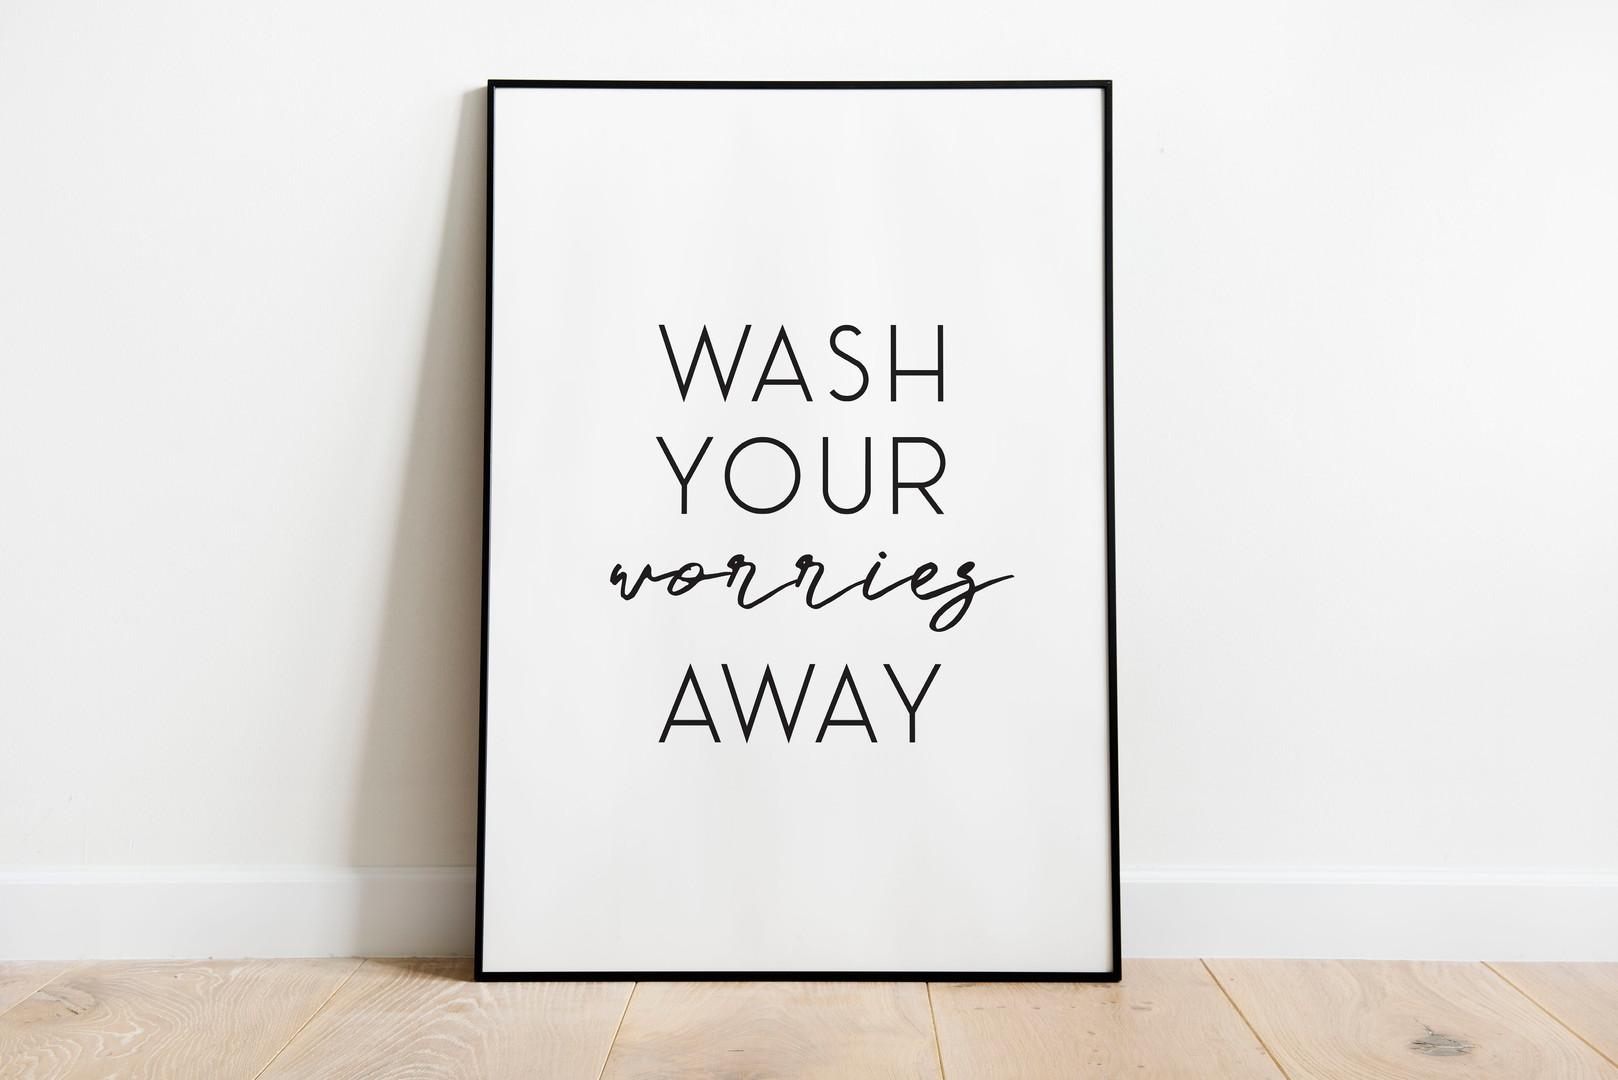 wash your worries away